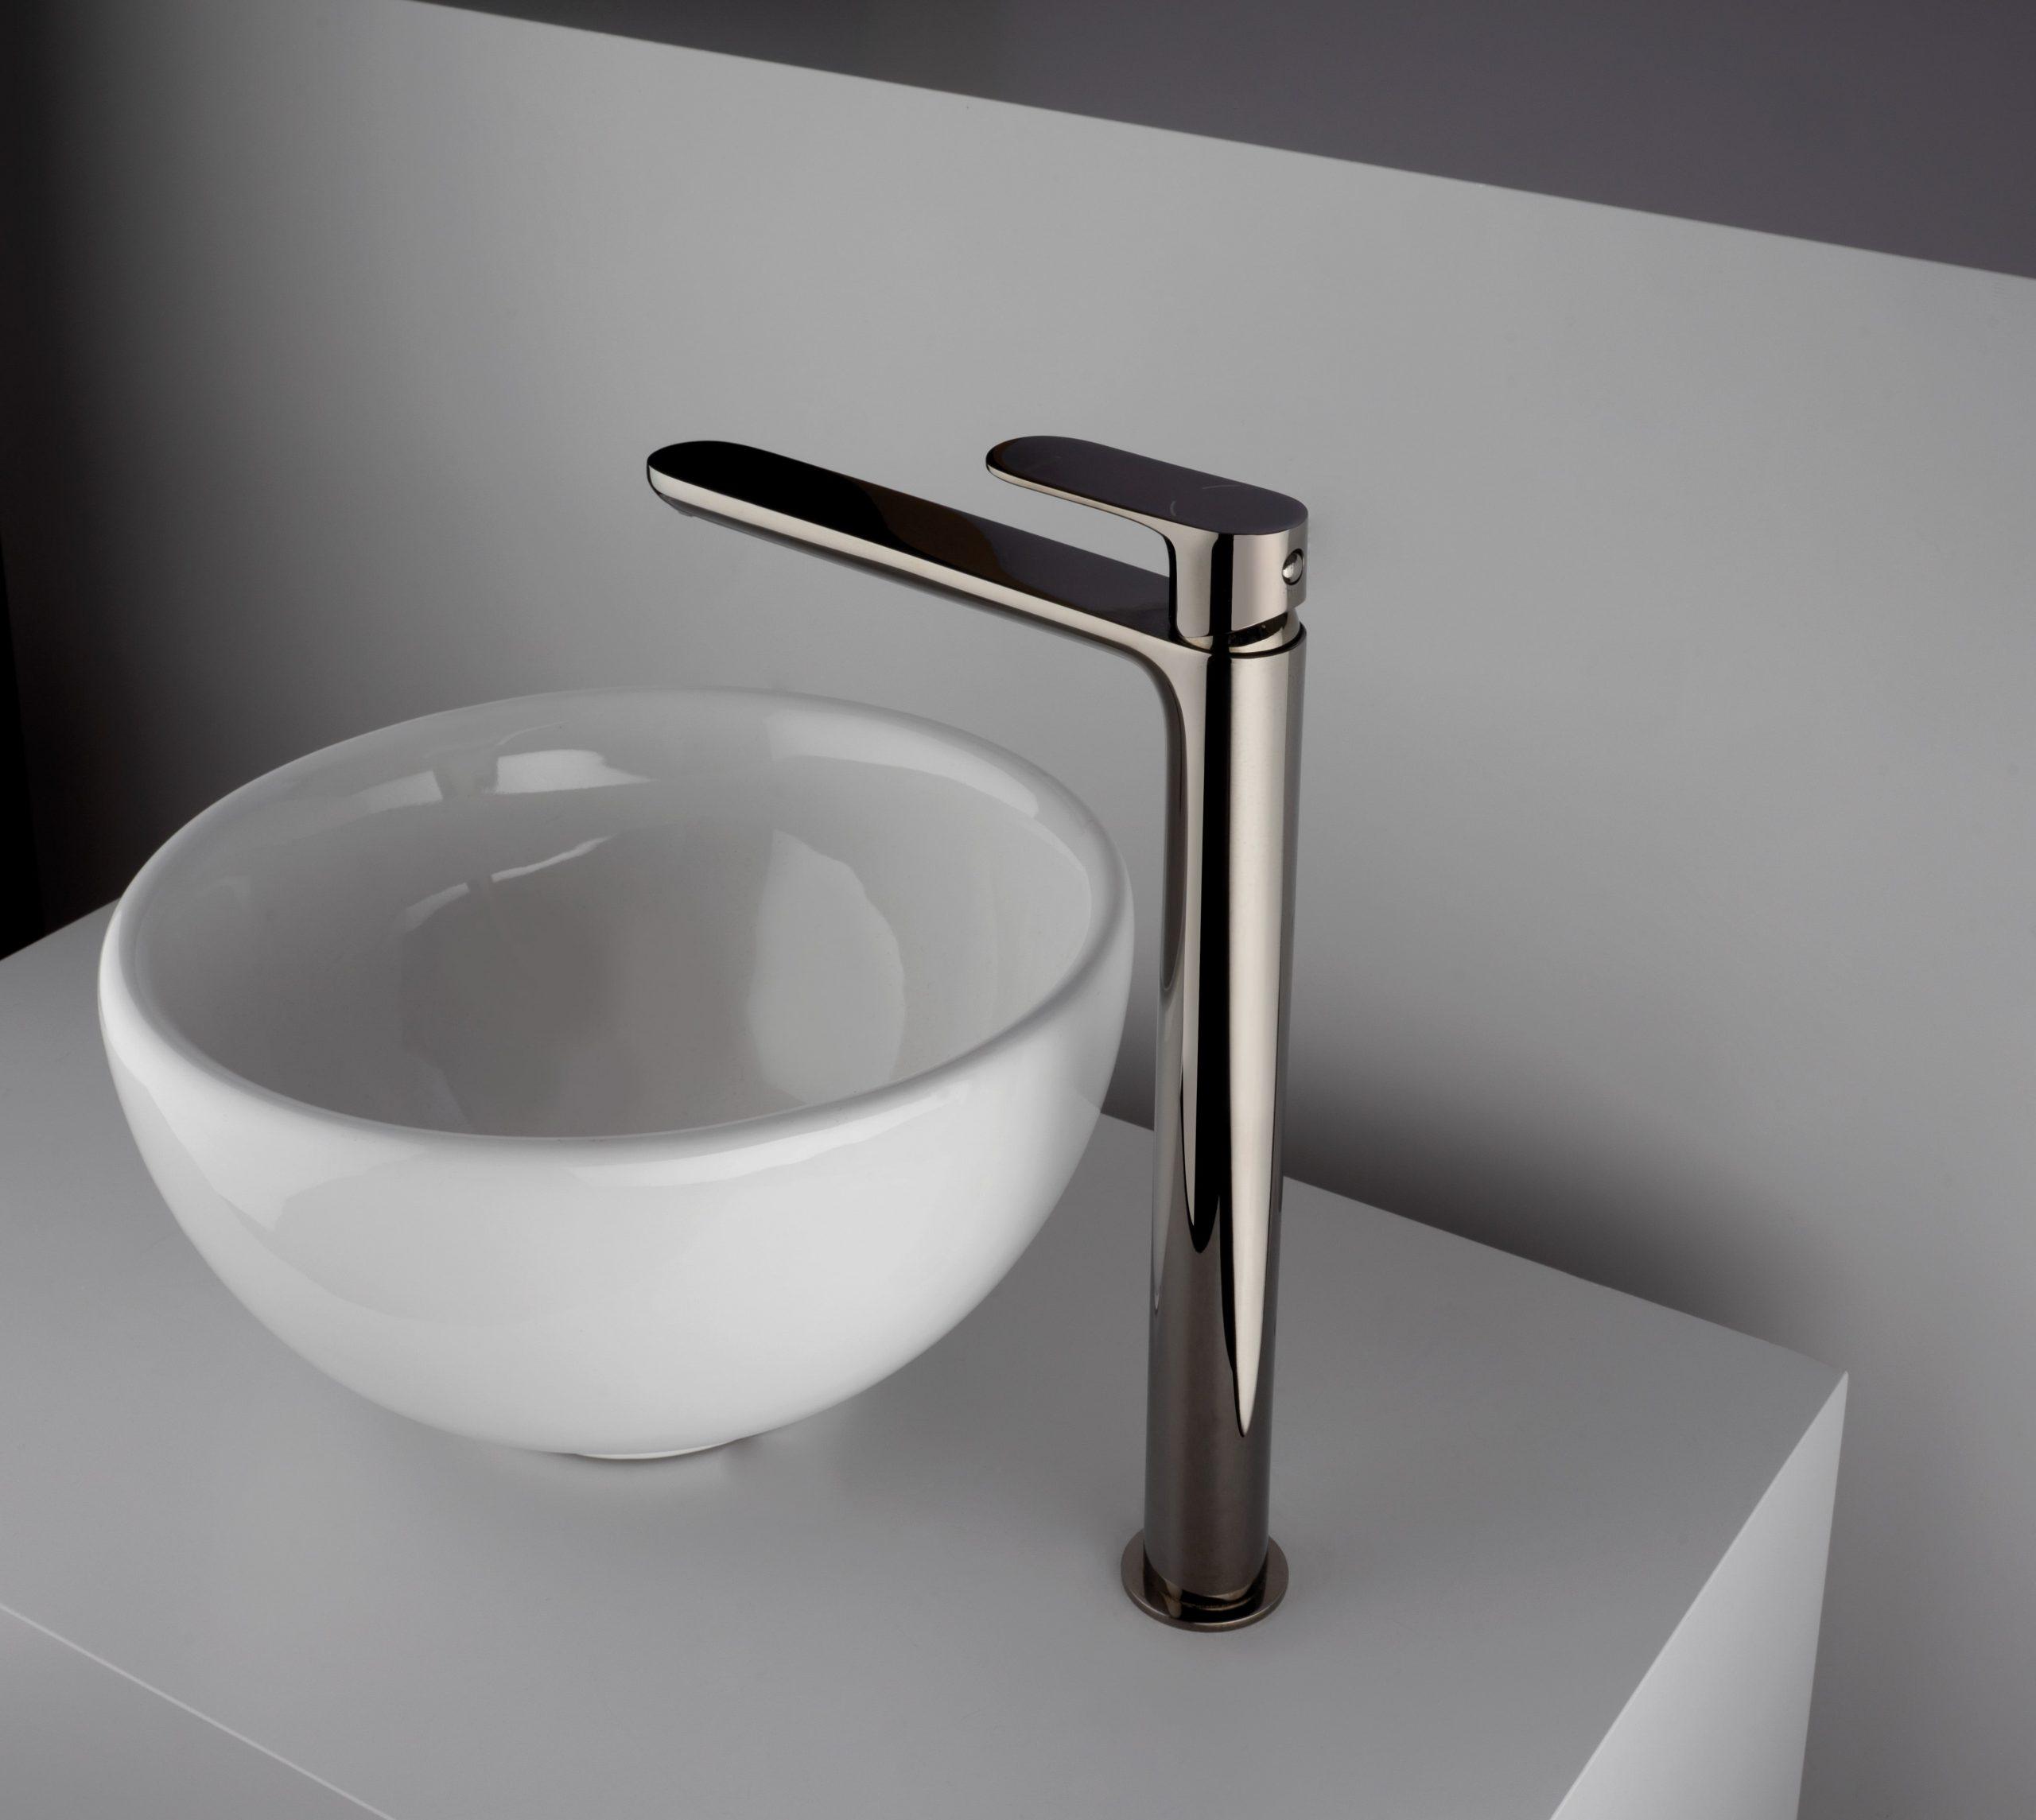 rubinetti bagno, monocomando lavabo alto finitura inox, idrosanitaria lecco